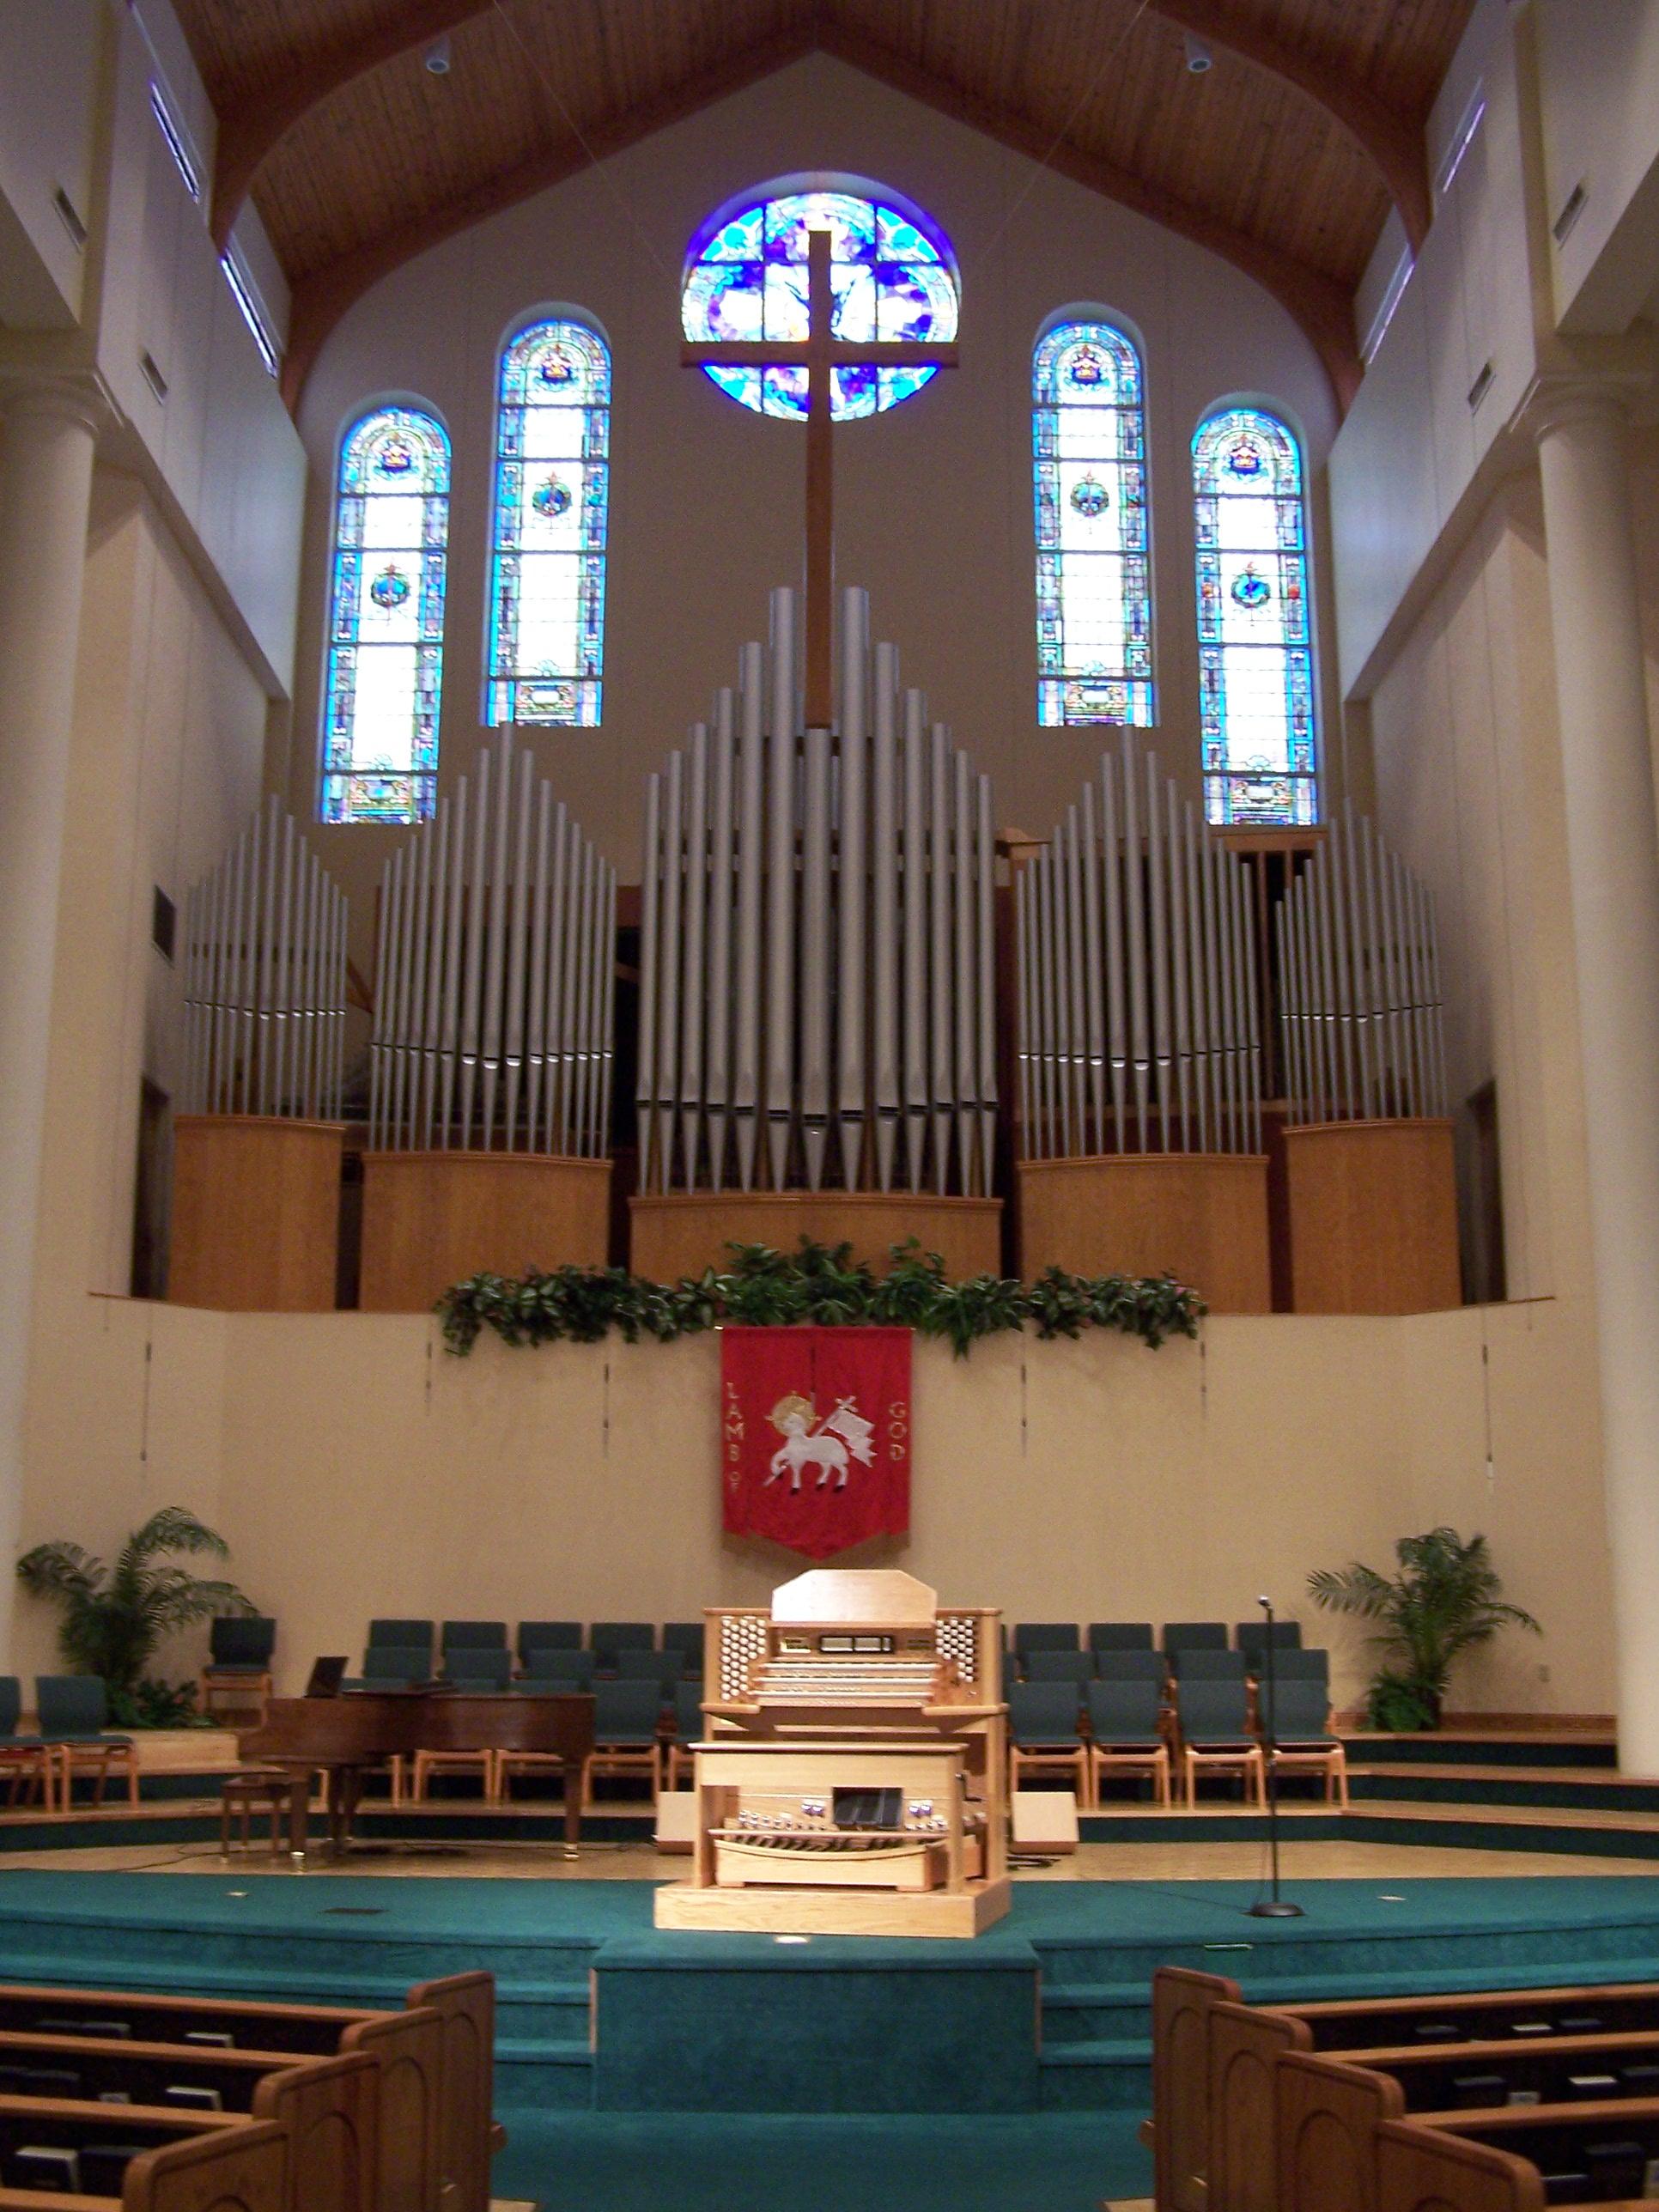 Boone United Methodist